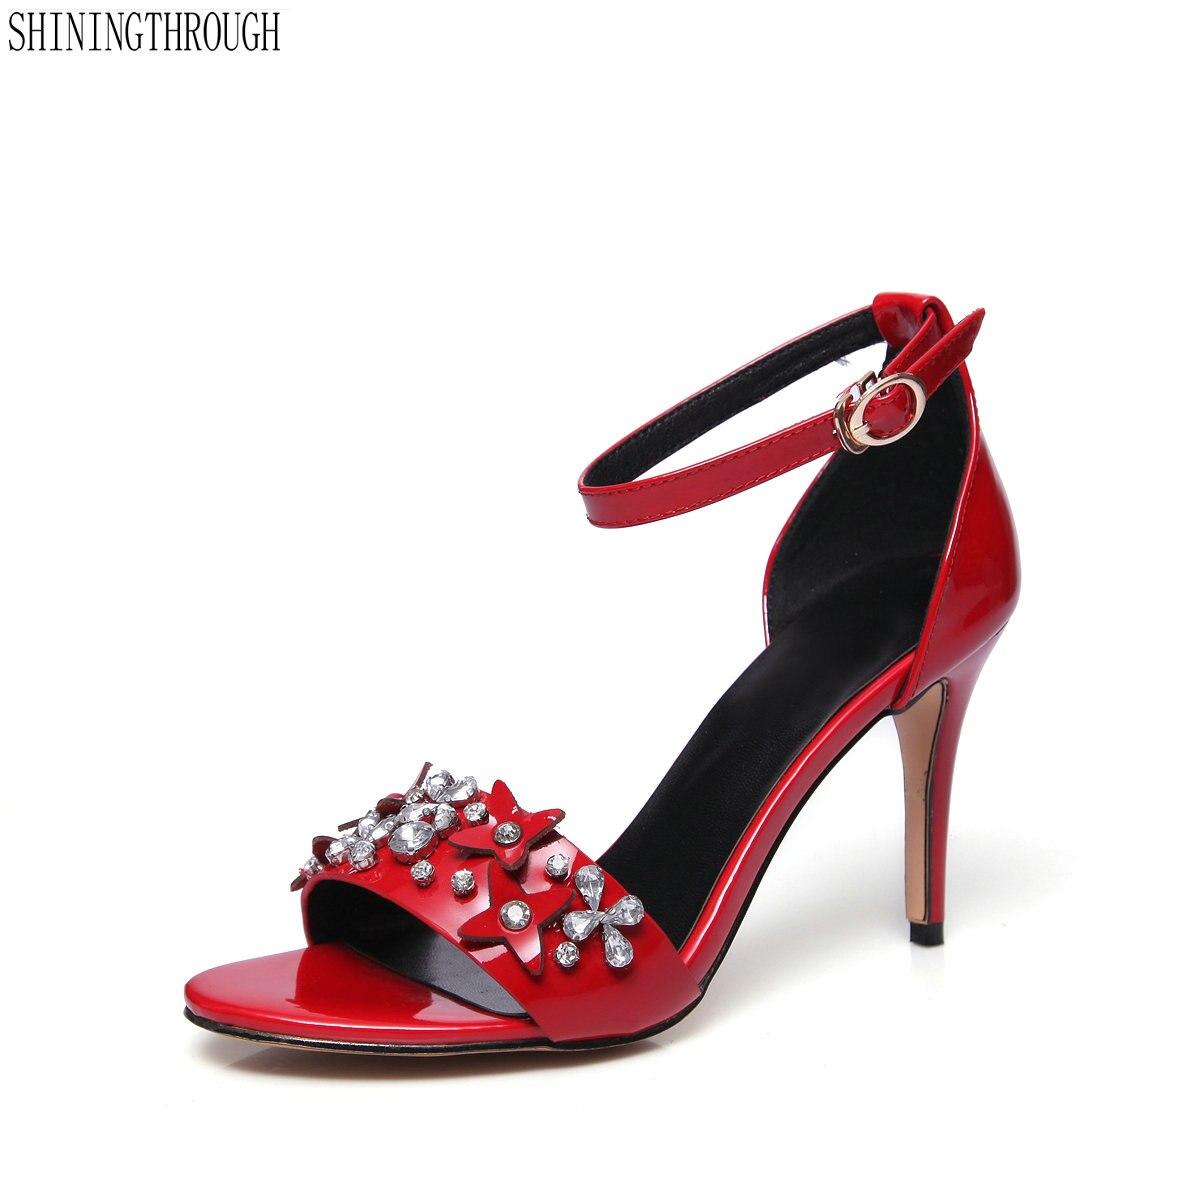 48e9138b44a37d Mariage Grande Véritable Noir En Cheville Rouge 41 Dames Bride Fête Femme  rouge Chaussures À Hauts Cuir La Taille Sandales Talons ...